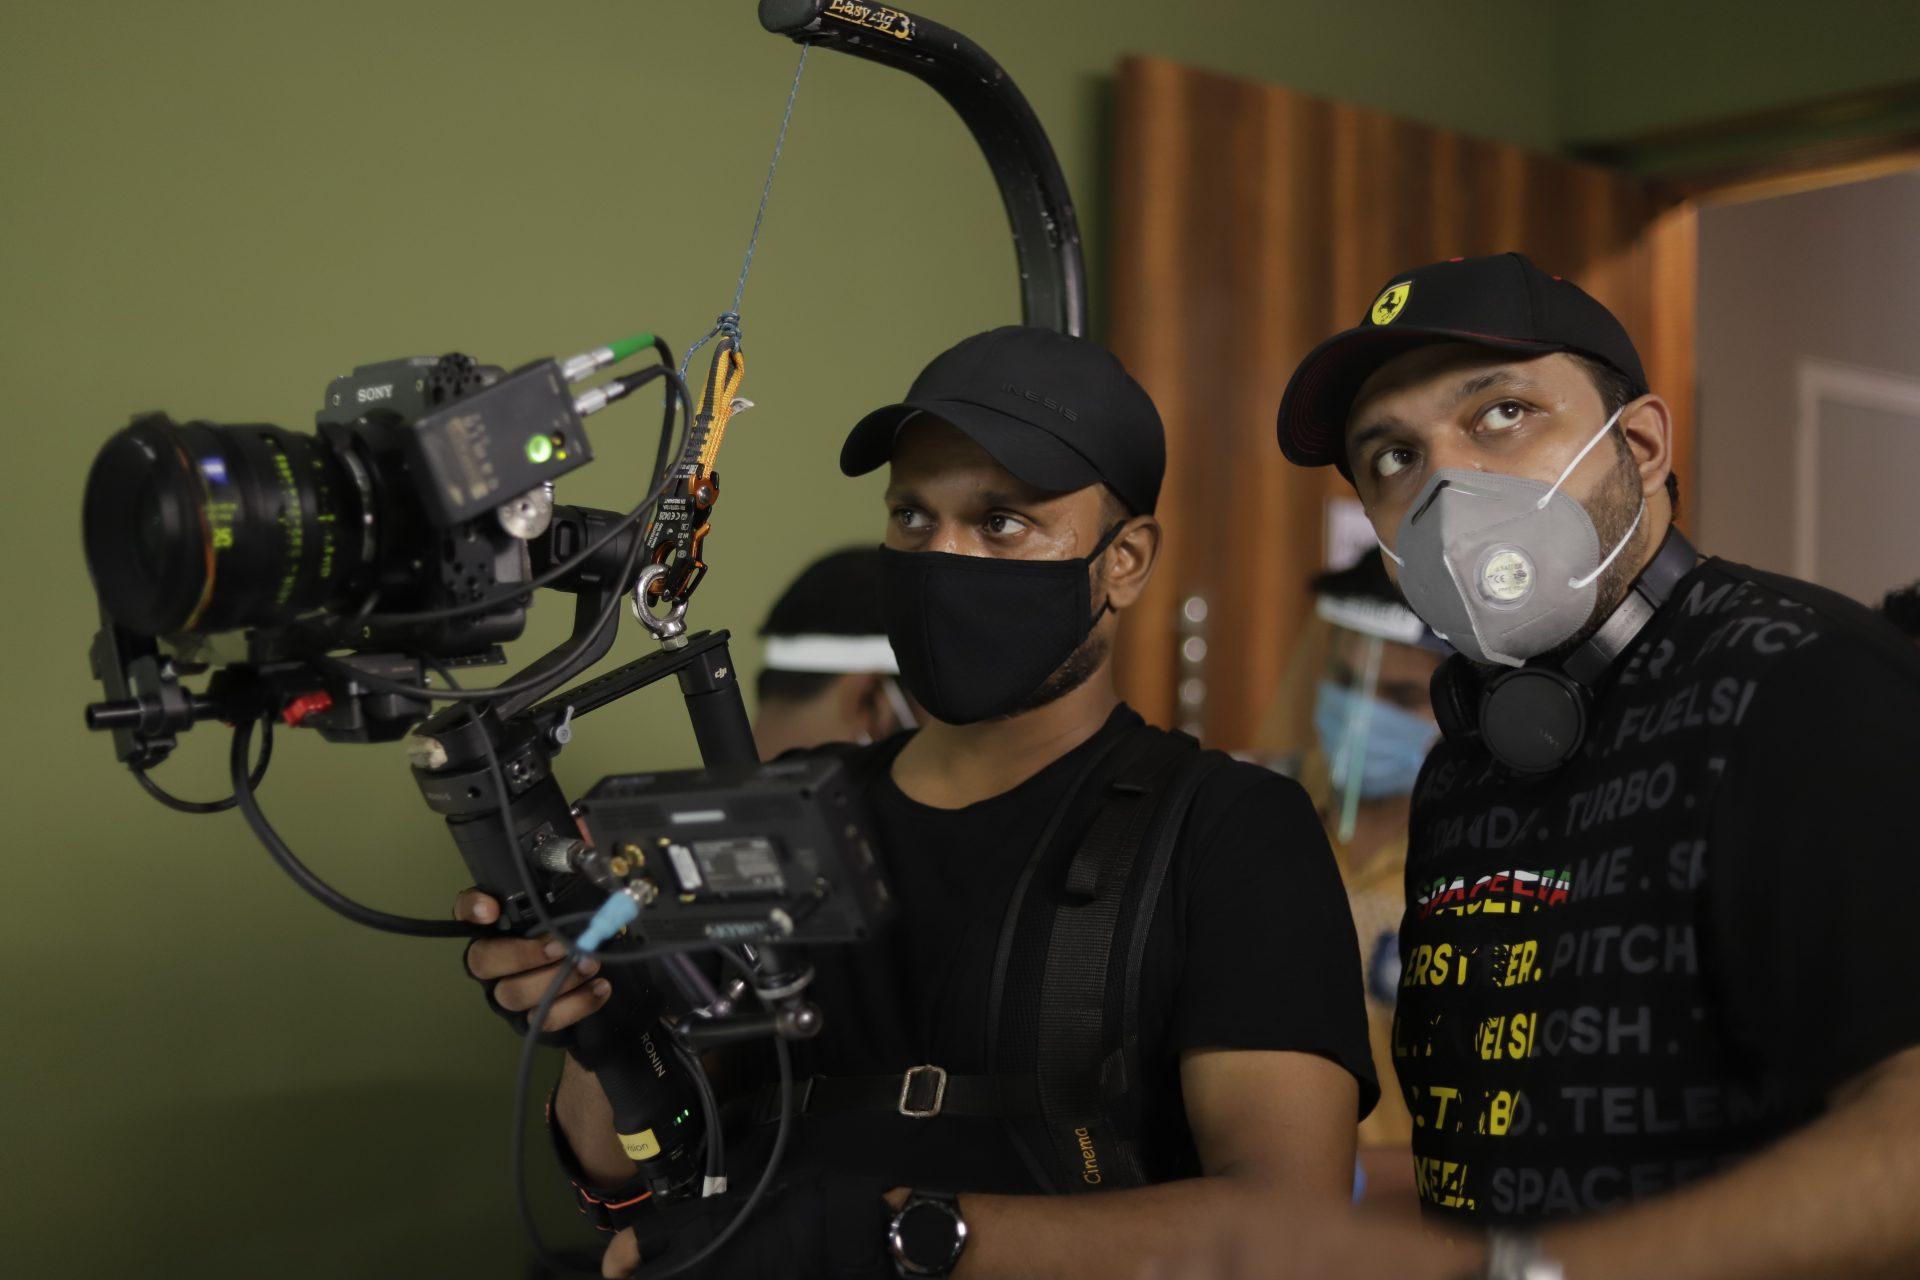 आदित्य सरपोतदार करणार 'झोंबिवली' या मराठीतल्या पहिल्या झॉम-कॉम सिनेमाचं दिग्दर्शन